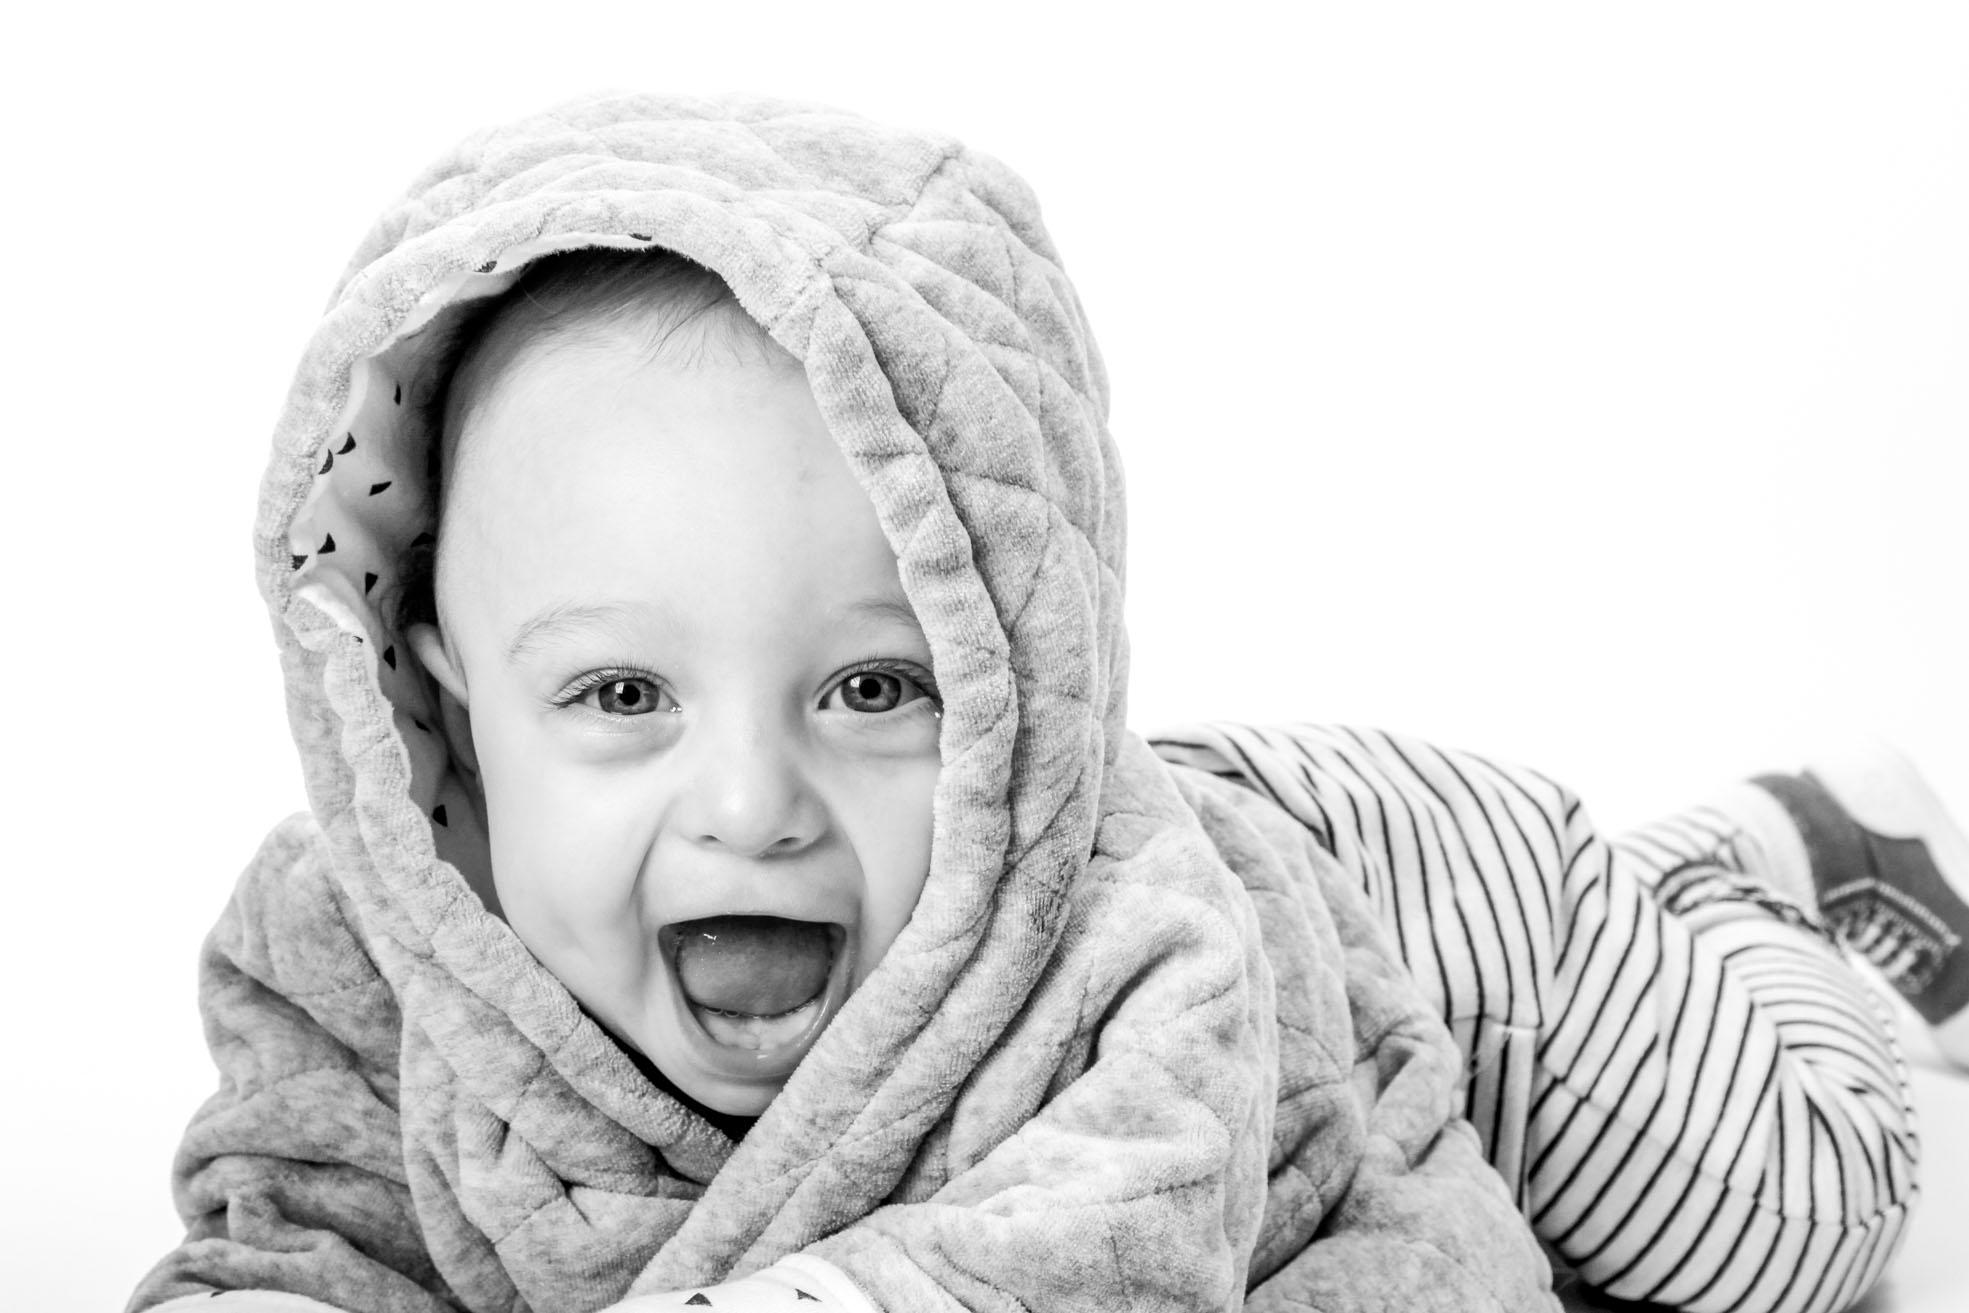 photographe grossesse naissance, photographe maternité, www.studioart-photographe.fr, photographe grossesse 78, photographe grossesse IDF, photographe bébé, photographe enfants, Jean-Baptiste Chauvin, portrait enfant